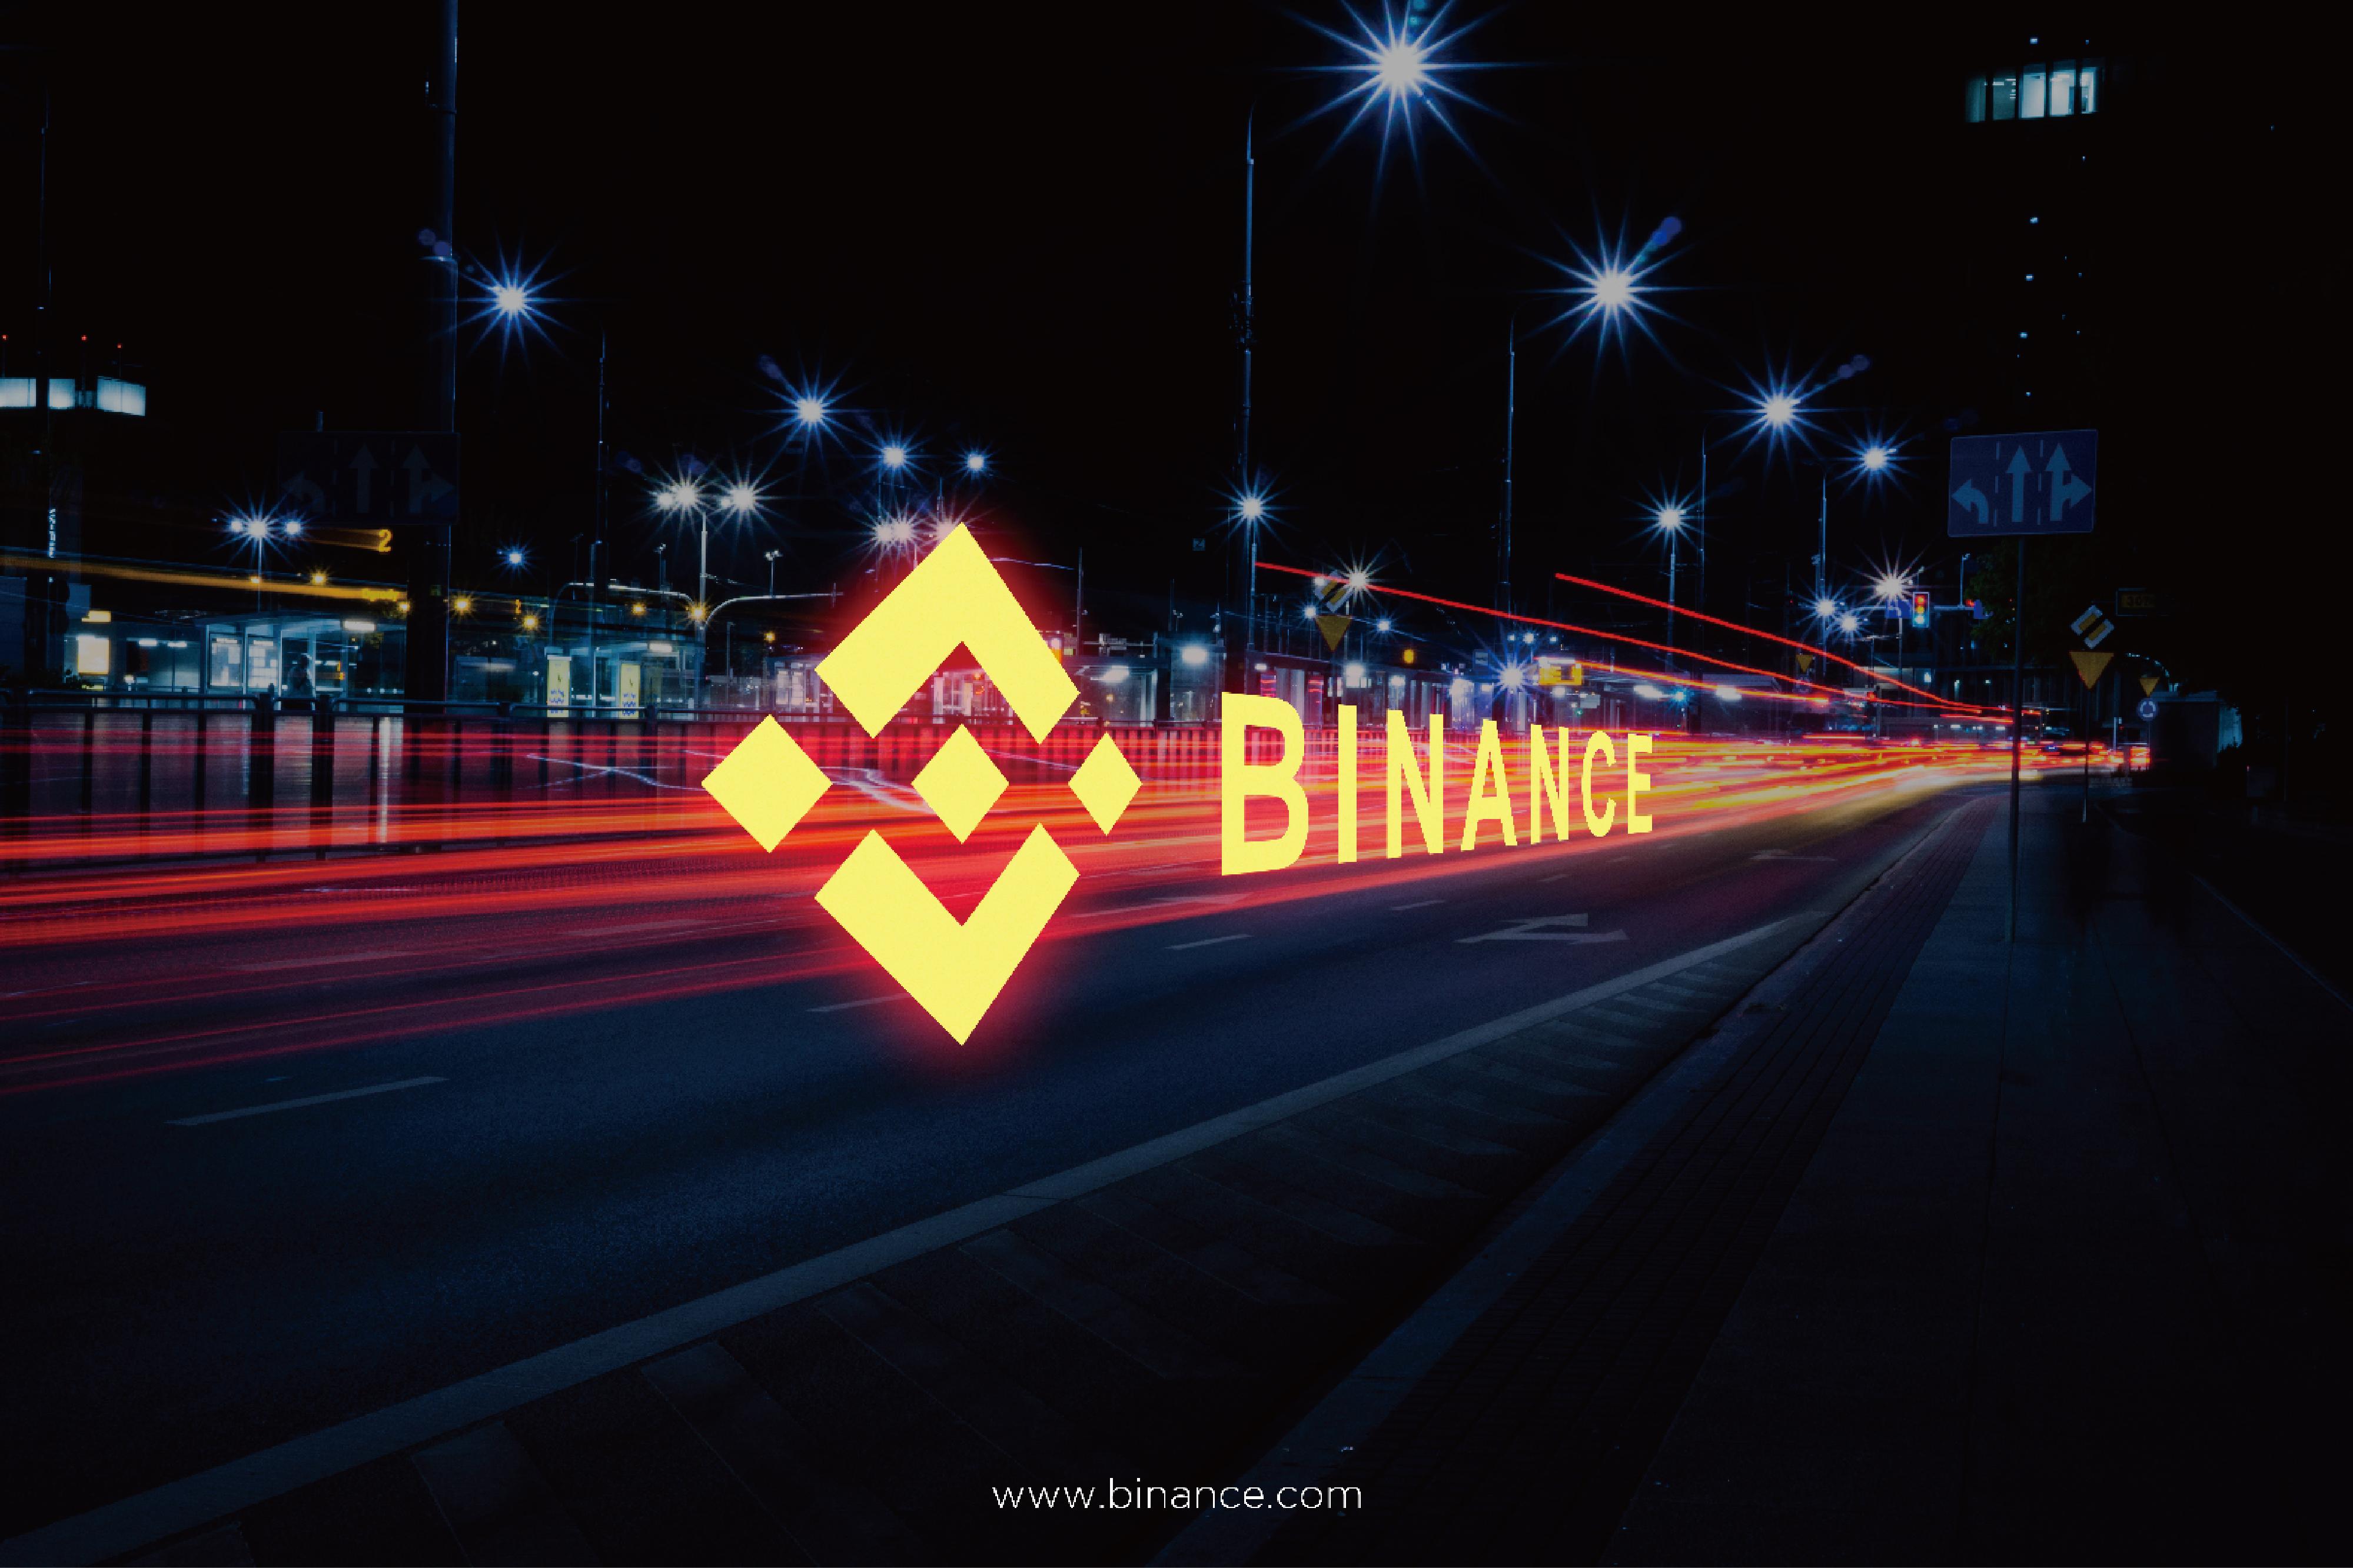 币安binance交易所手机APP下载及使用教程